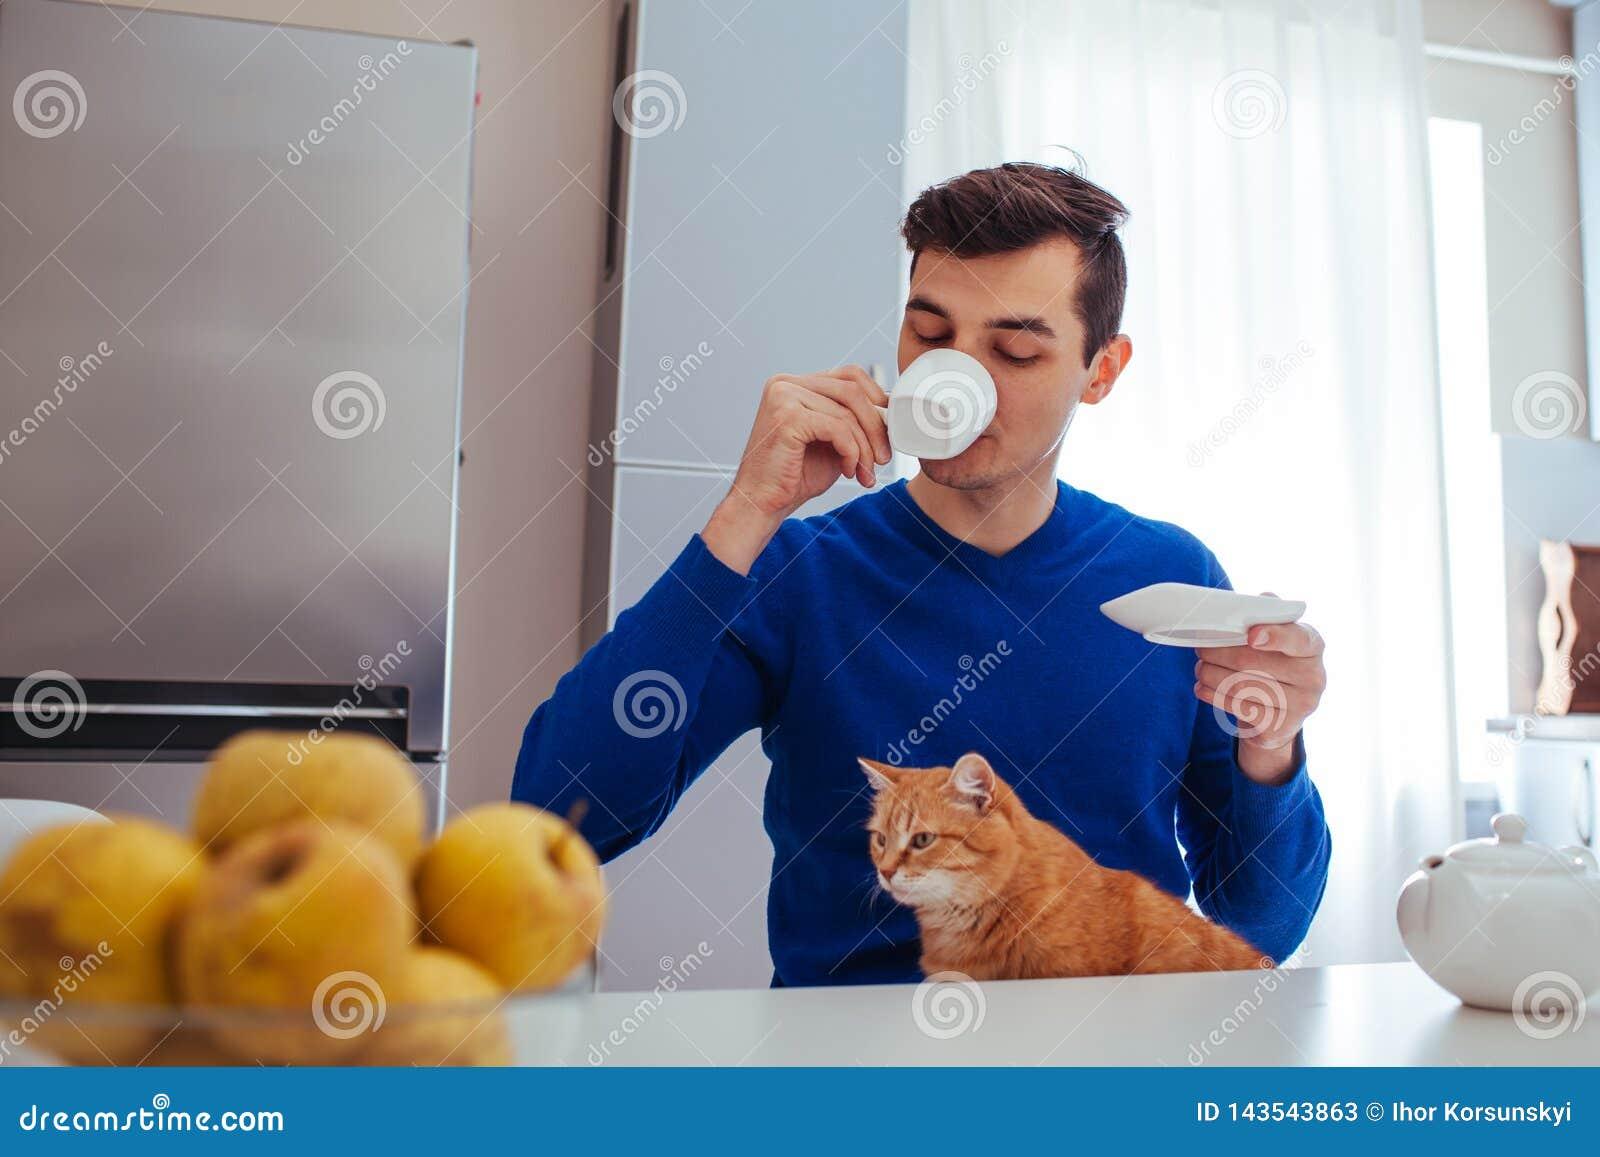 Πορτρέτο ενός τσαγιού κατανάλωσης νεαρών άνδρων με μια γάτα στην κουζίνα